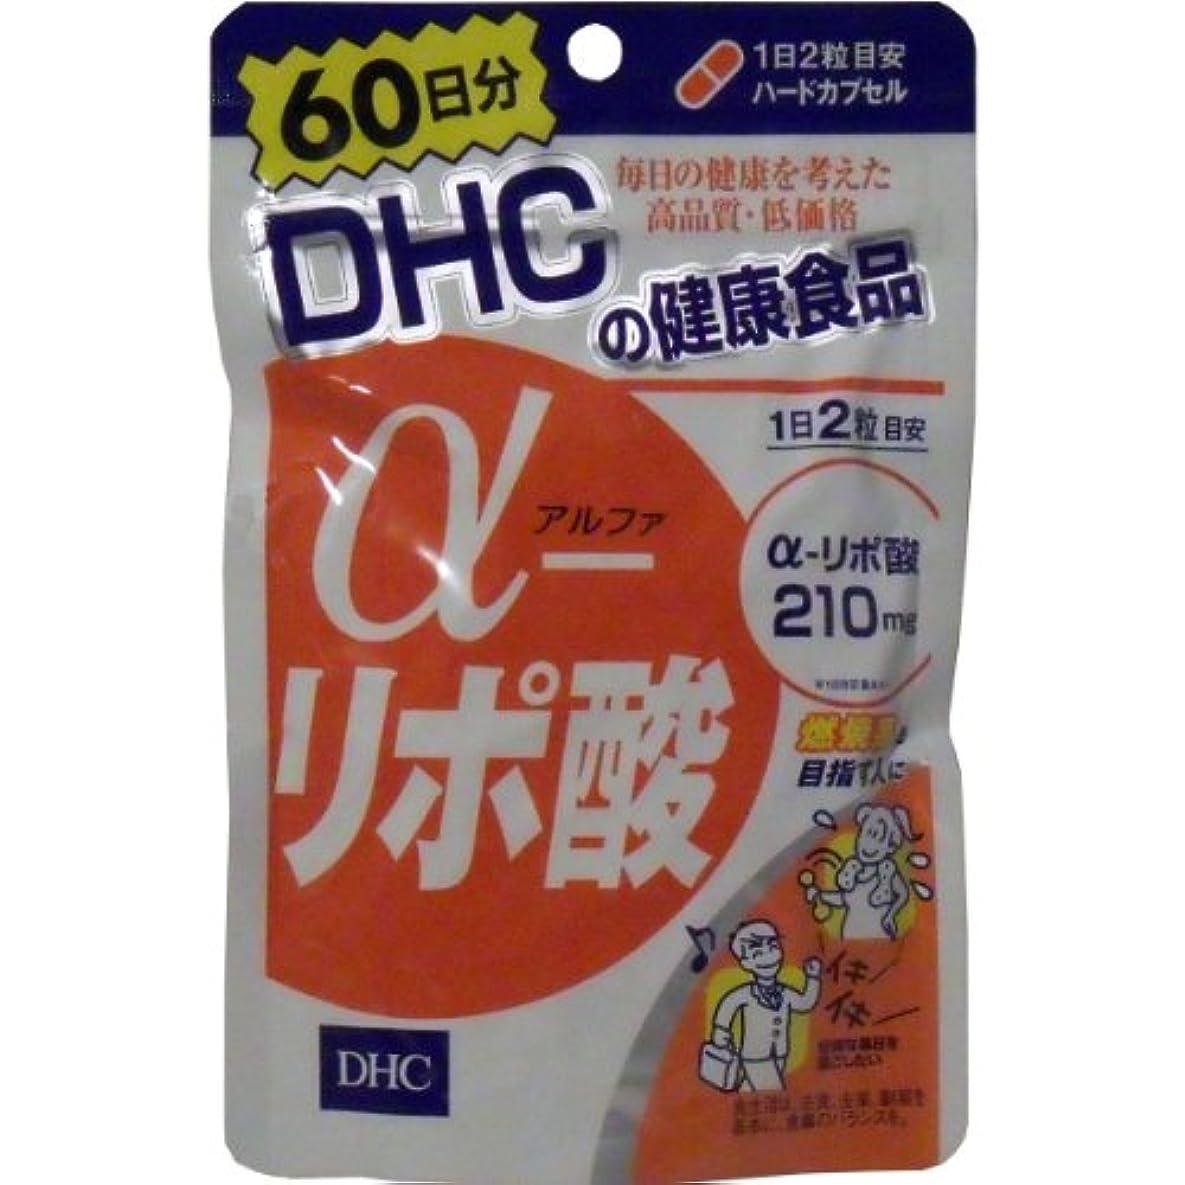 削除するゆりかご穿孔するDHC α-リポ酸 120粒 60日分 ×6個セット